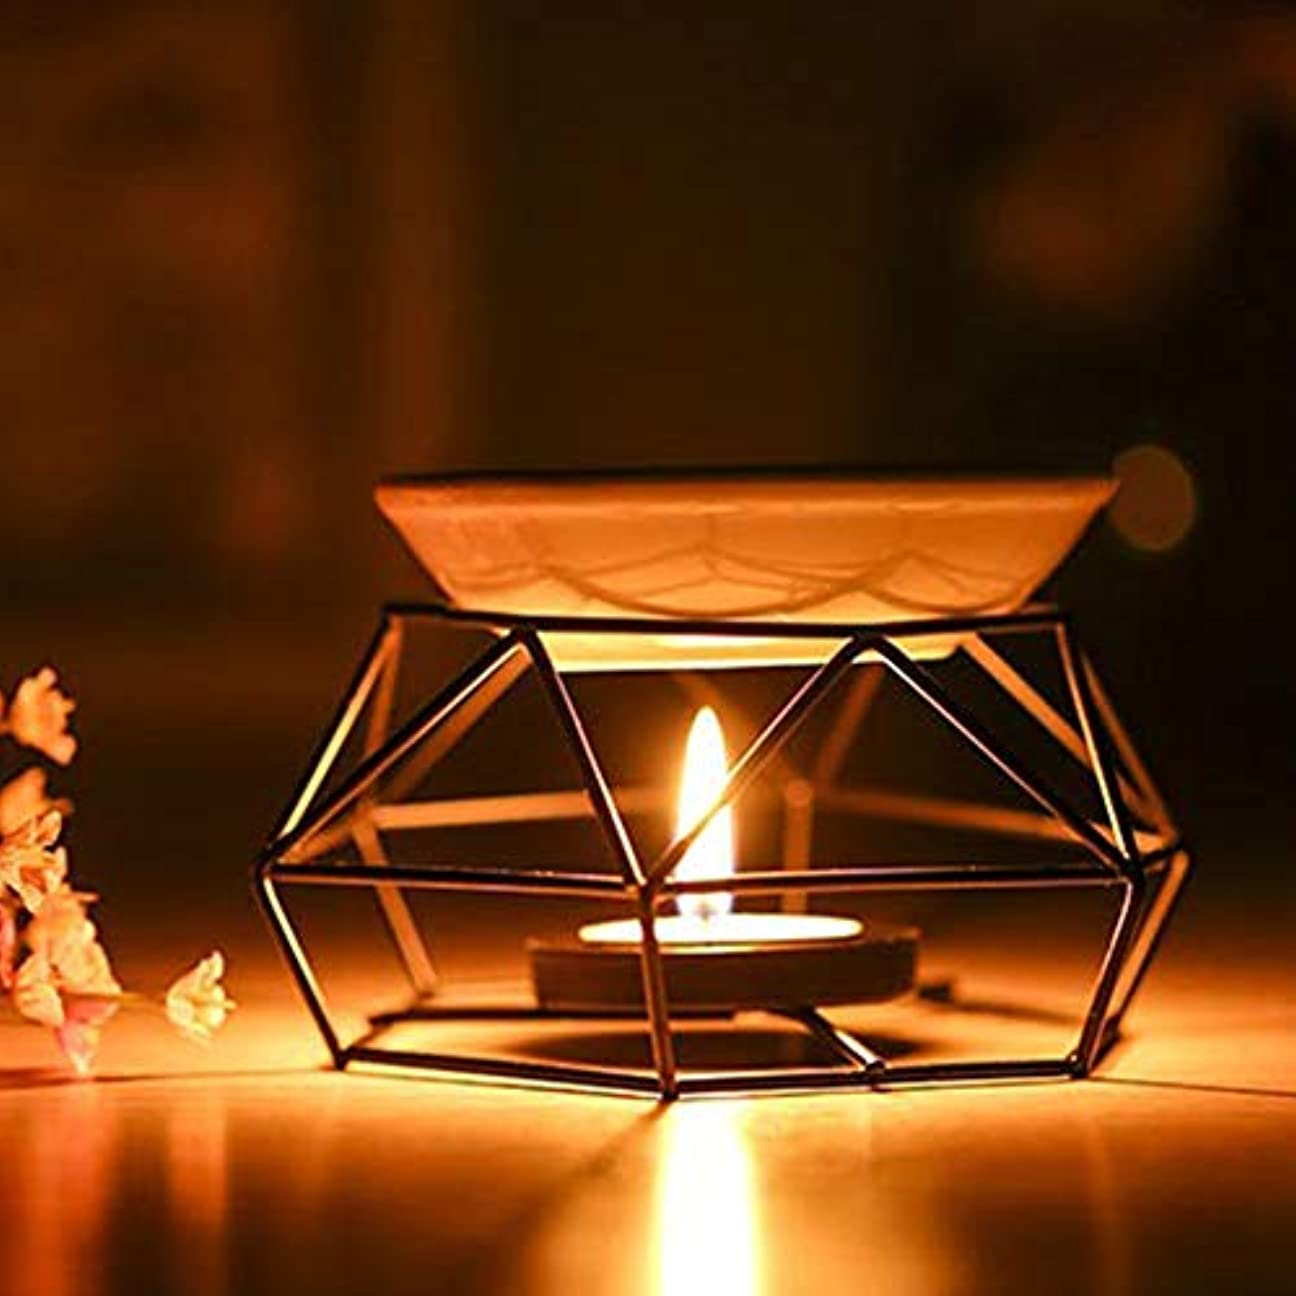 バーゲンドック沈黙アロマディフューザーアロマセラピーアイロンホームデコレーションヨガキャンドル屋内工芸品オイルバーナーブラックギフトスパ